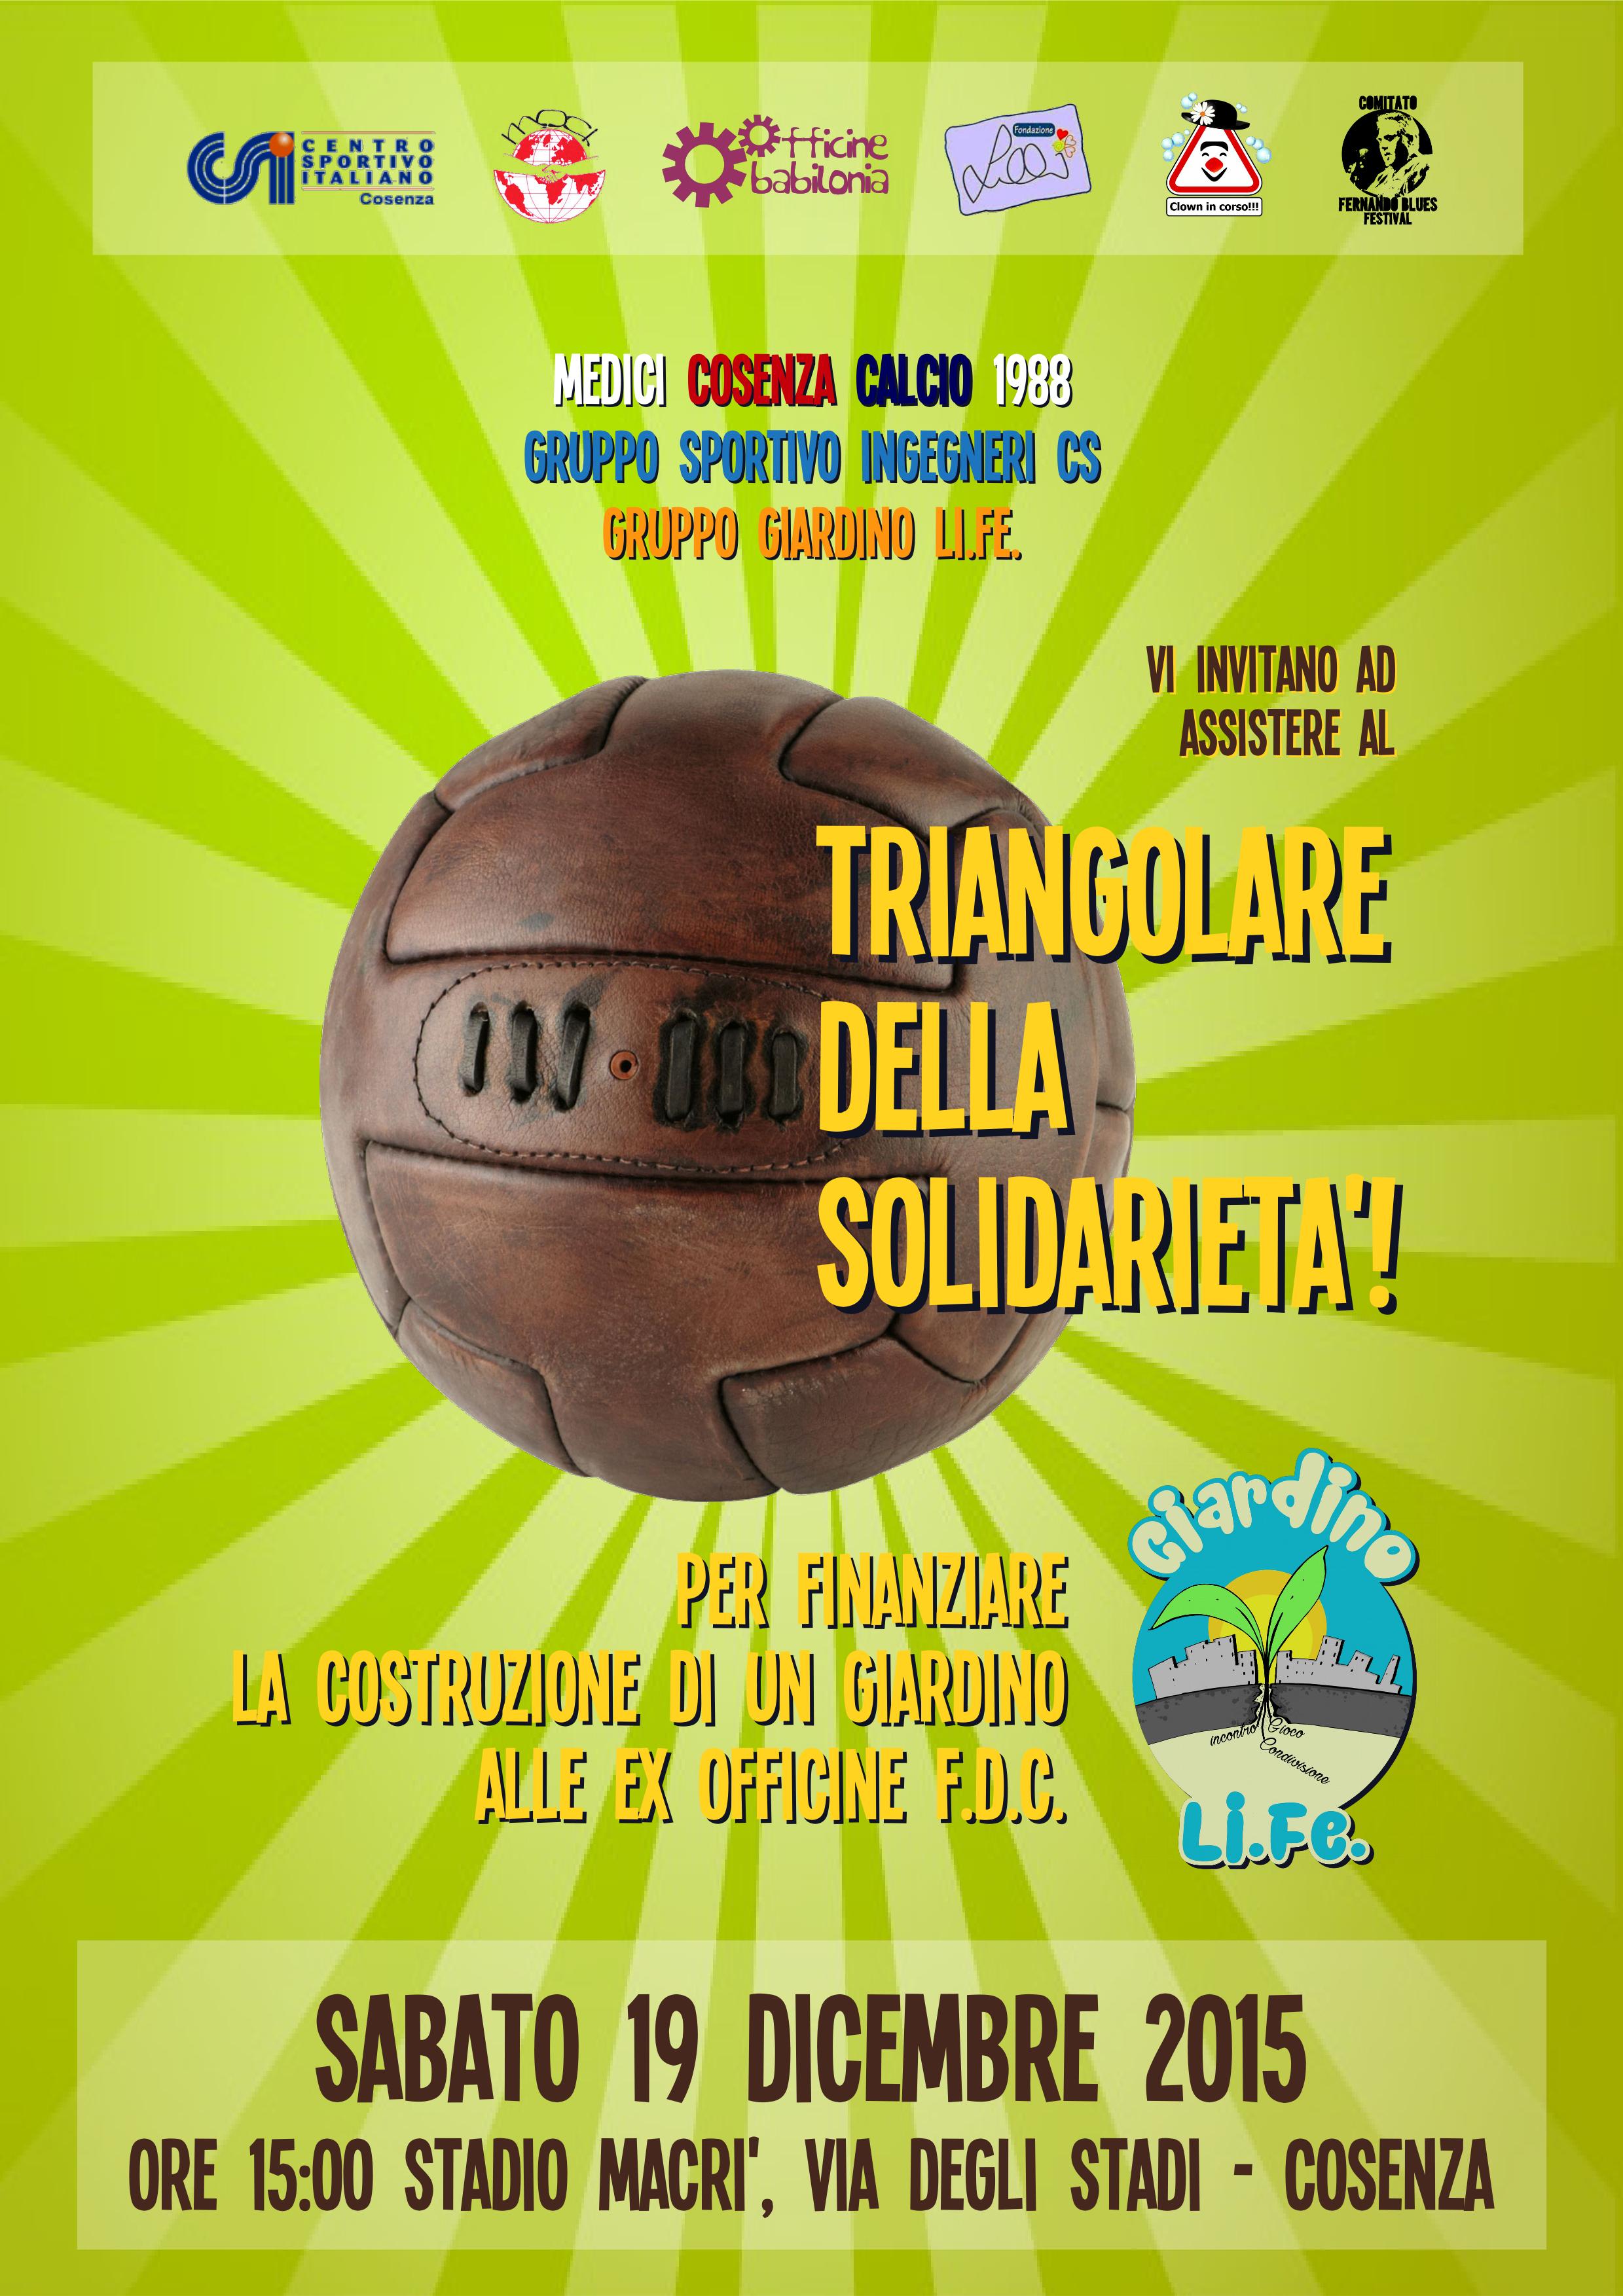 triangolare della solidarietà